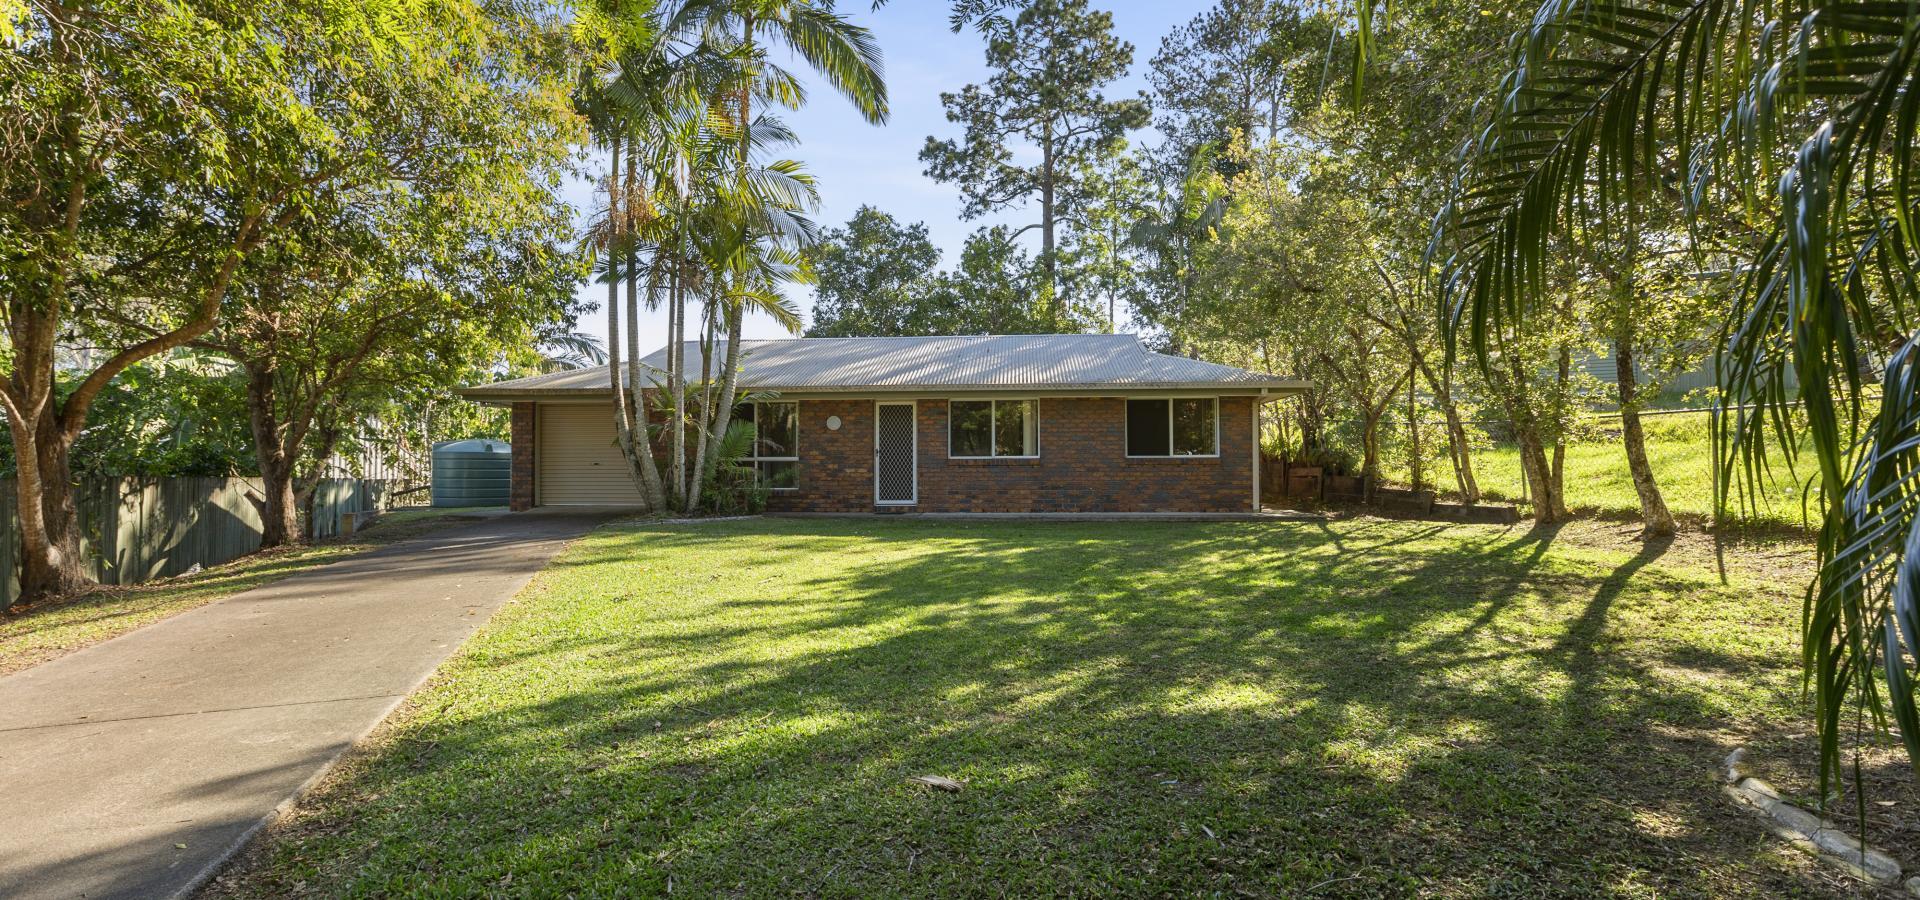 Sweet Village Home 1146m2